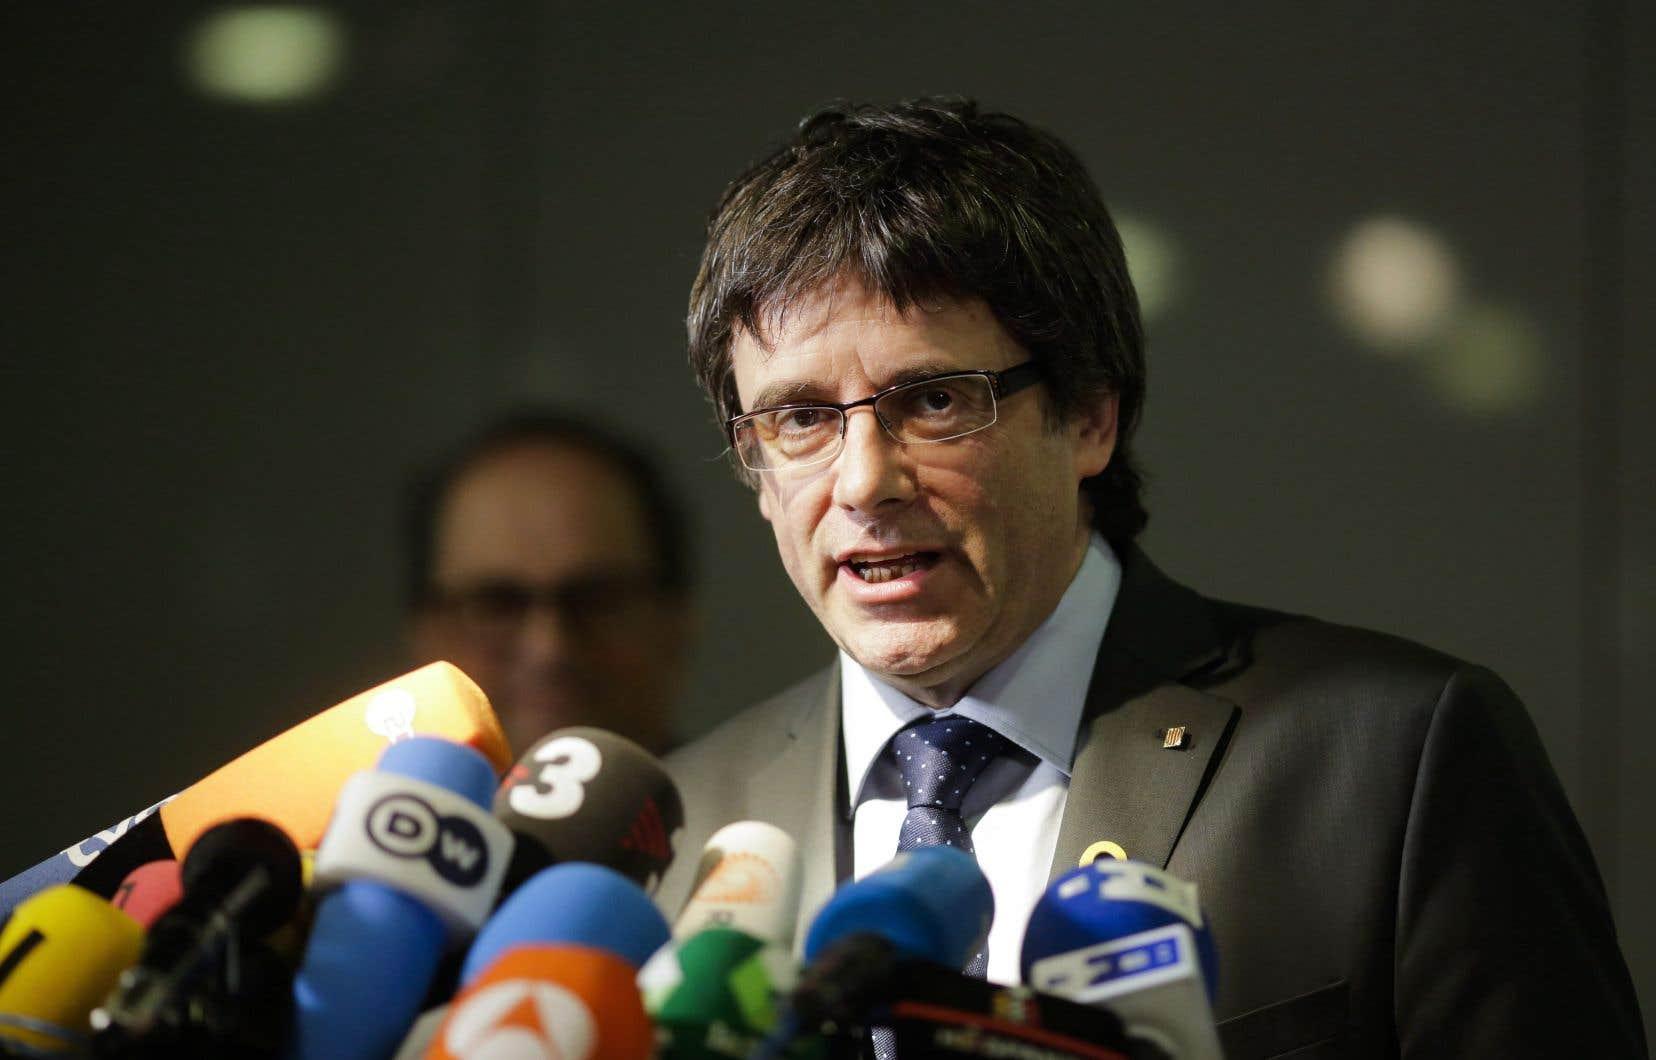 L'ex-président de la Catalogne destitué par Madrid reste libre dans l'intervalle.